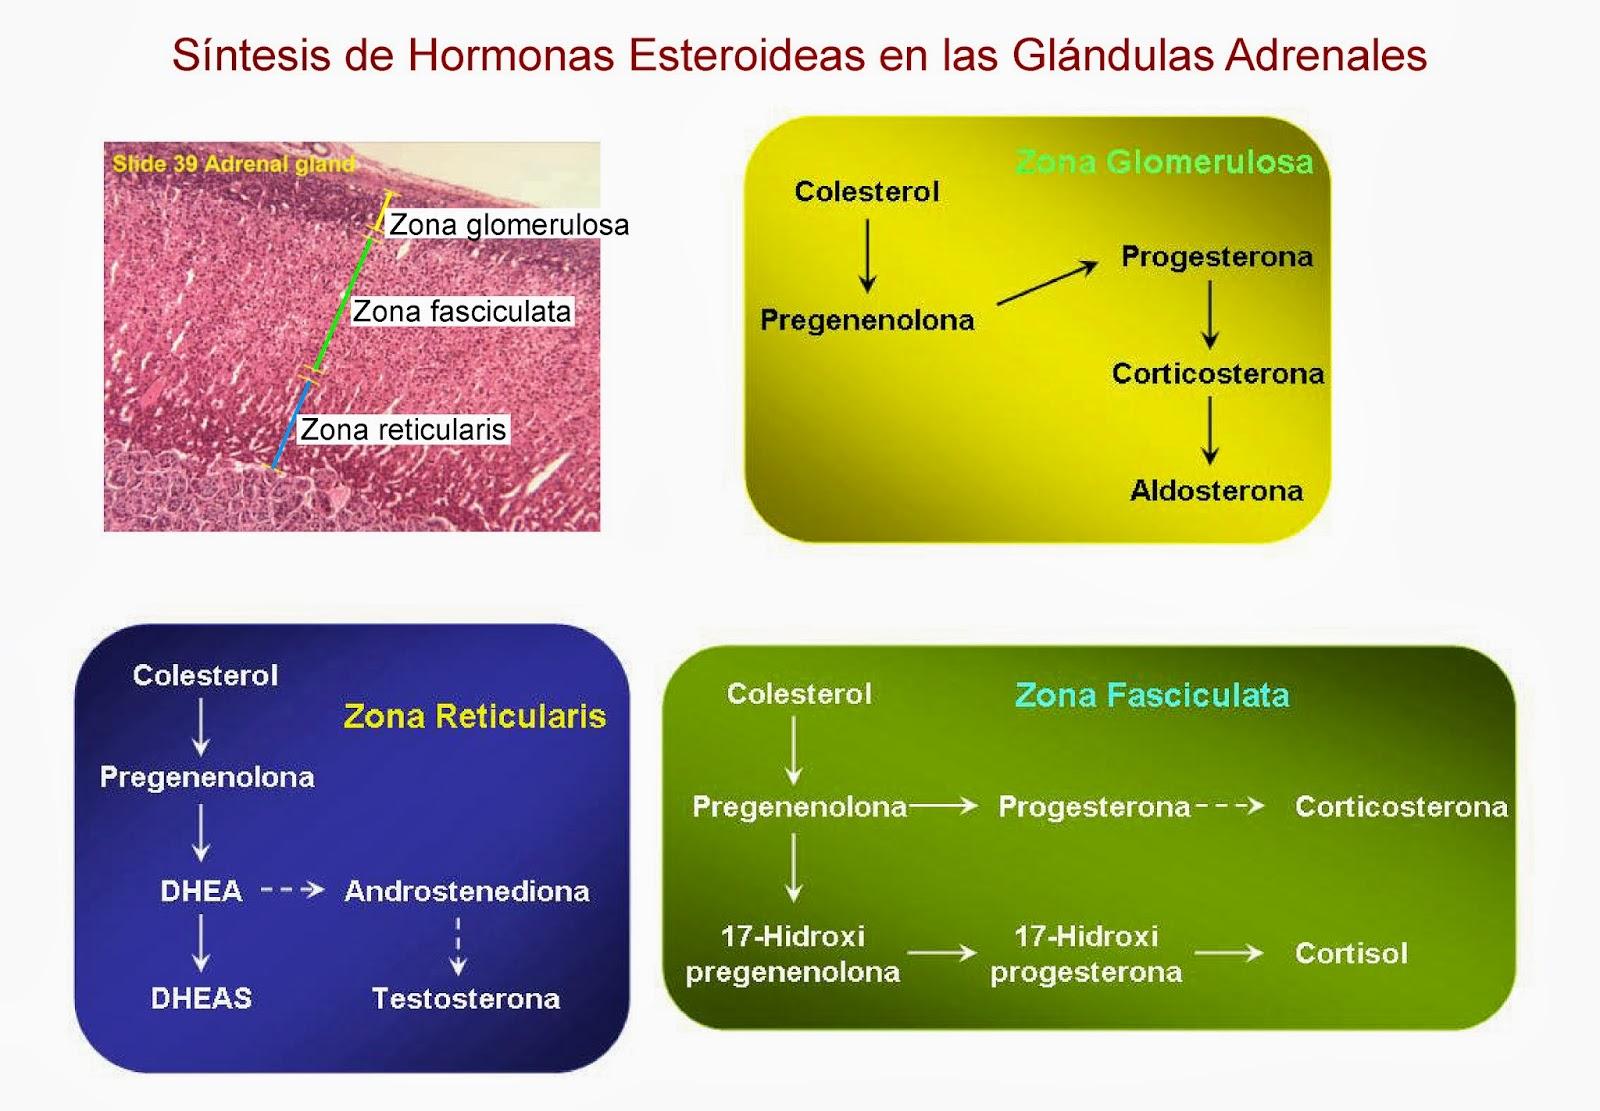 Síntesis de hormonas esteroideas en diferentes zonas de las glándulas adrenales